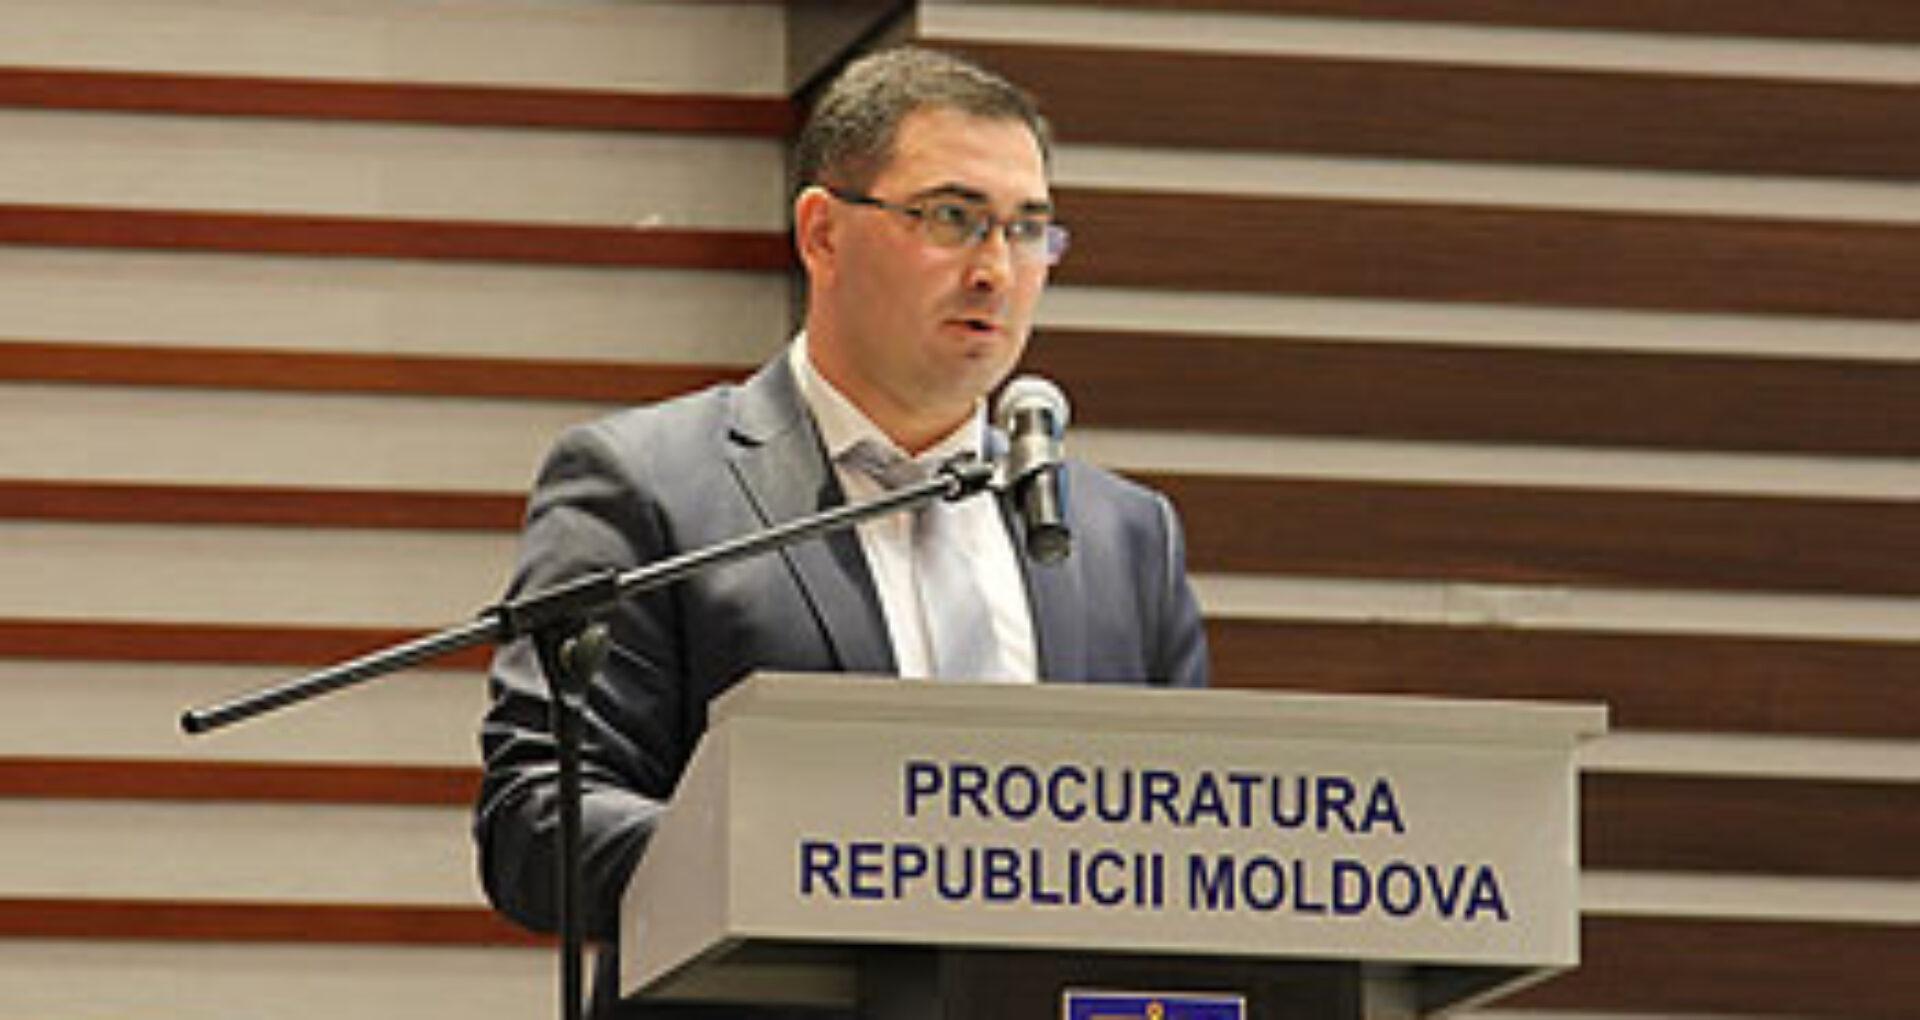 Ce spune președintele CSP despre numirea lui Șaptefraț în funcția de șef adjunct la Procuratura Anticorupție